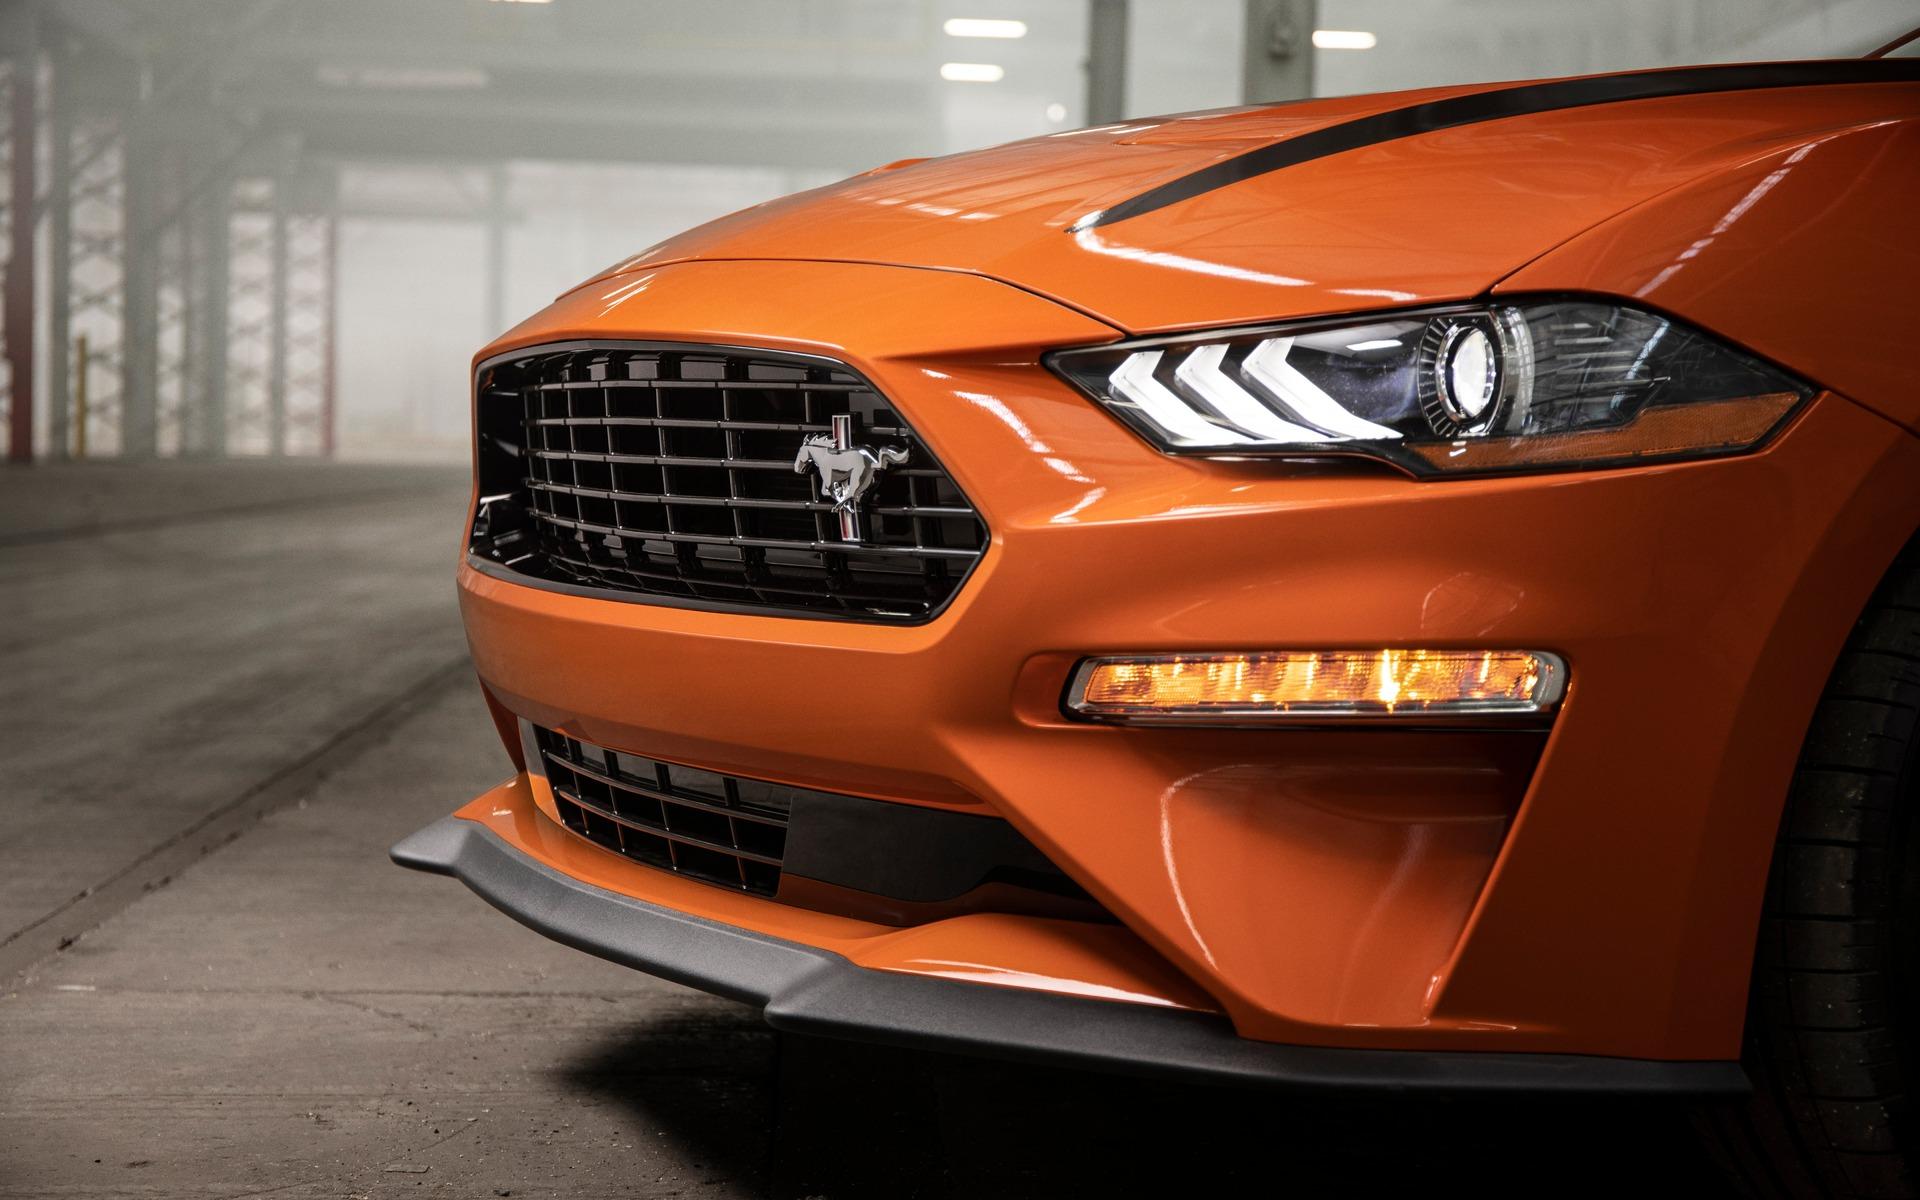 La Ford Mustang 2020 obtient le moteur de la Focus RS 373813_2020_Ford_Mustang